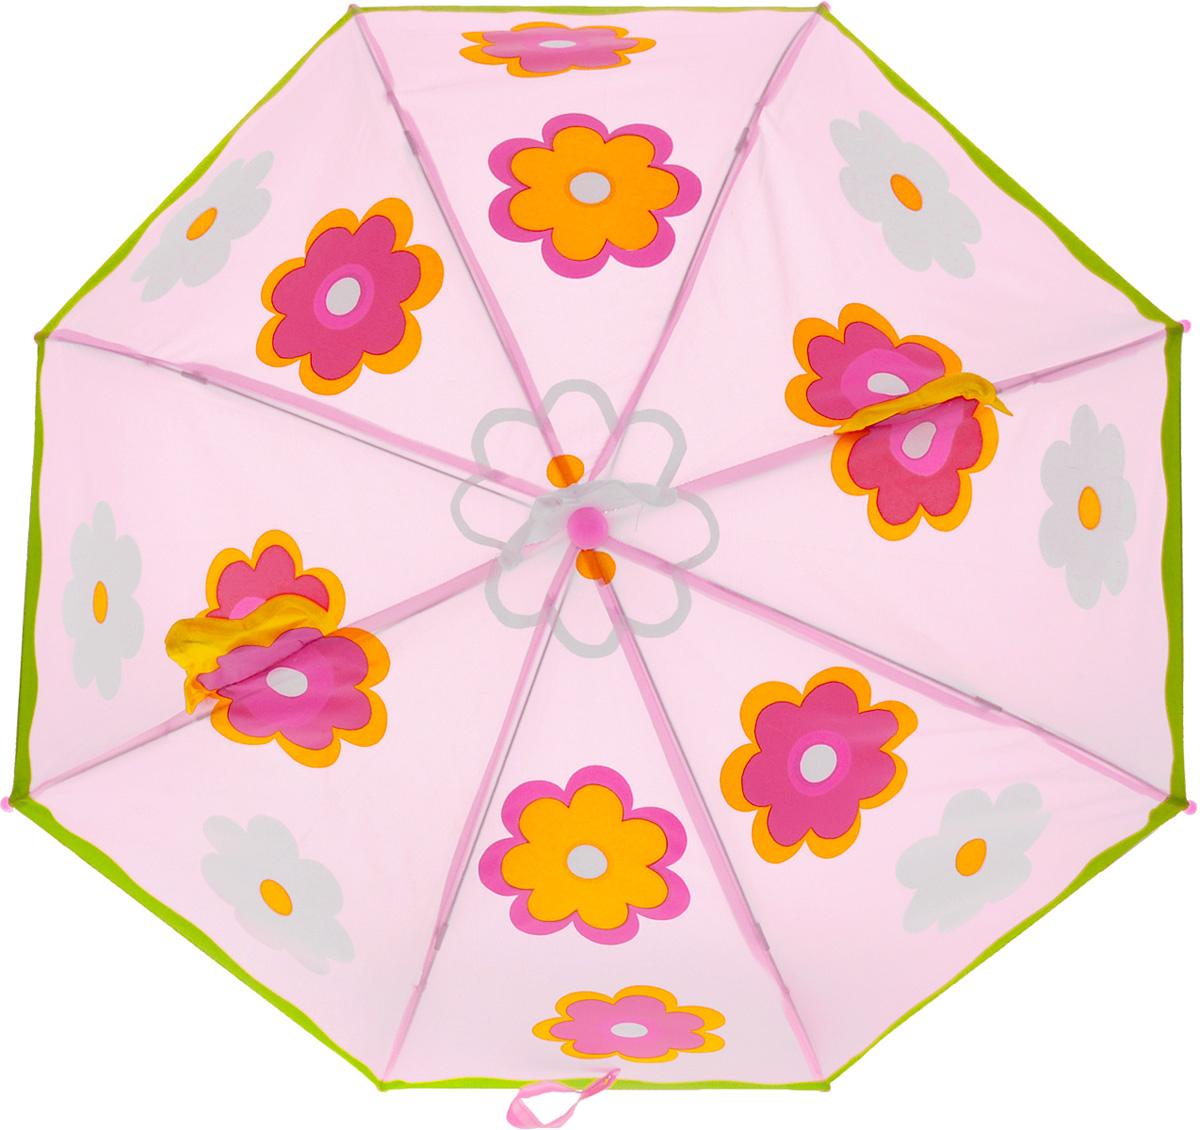 Mary Poppins Зонт-трость детский Цветочек53526Замечательный детский зонт-трость Mary Poppins Цветочек приведет в восторг любую маленькую принцессу. Розовый зонтик оформлен рисунком с крупными яркими цветочками и объемными элементами. Купол зонта оборудован гибкими металлическими спицами на пластиковом держателе. Трость дополнена практичным пластиковым крючком. У зонтика механическая система складывания, концы спиц закрыты пластиковыми шариками. Зонт открываются и закрываются вручную до характерного щелчка. Купол закрывается хлястиком на липучку. Ни дождь, ни ветер, ни палящее солнце будут не страшны детским зонтиком Цветочек. Радиус купола - 46 см.